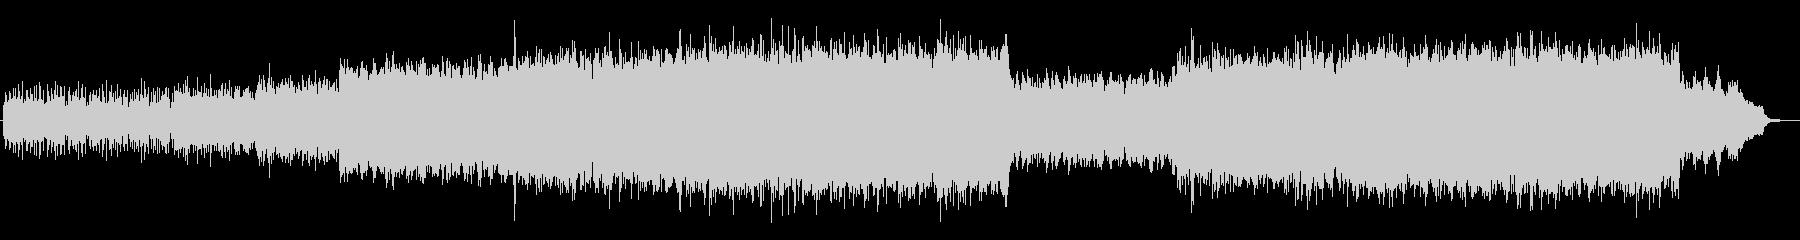 ドキドキ感のあるシンセサイザーサウンドの未再生の波形